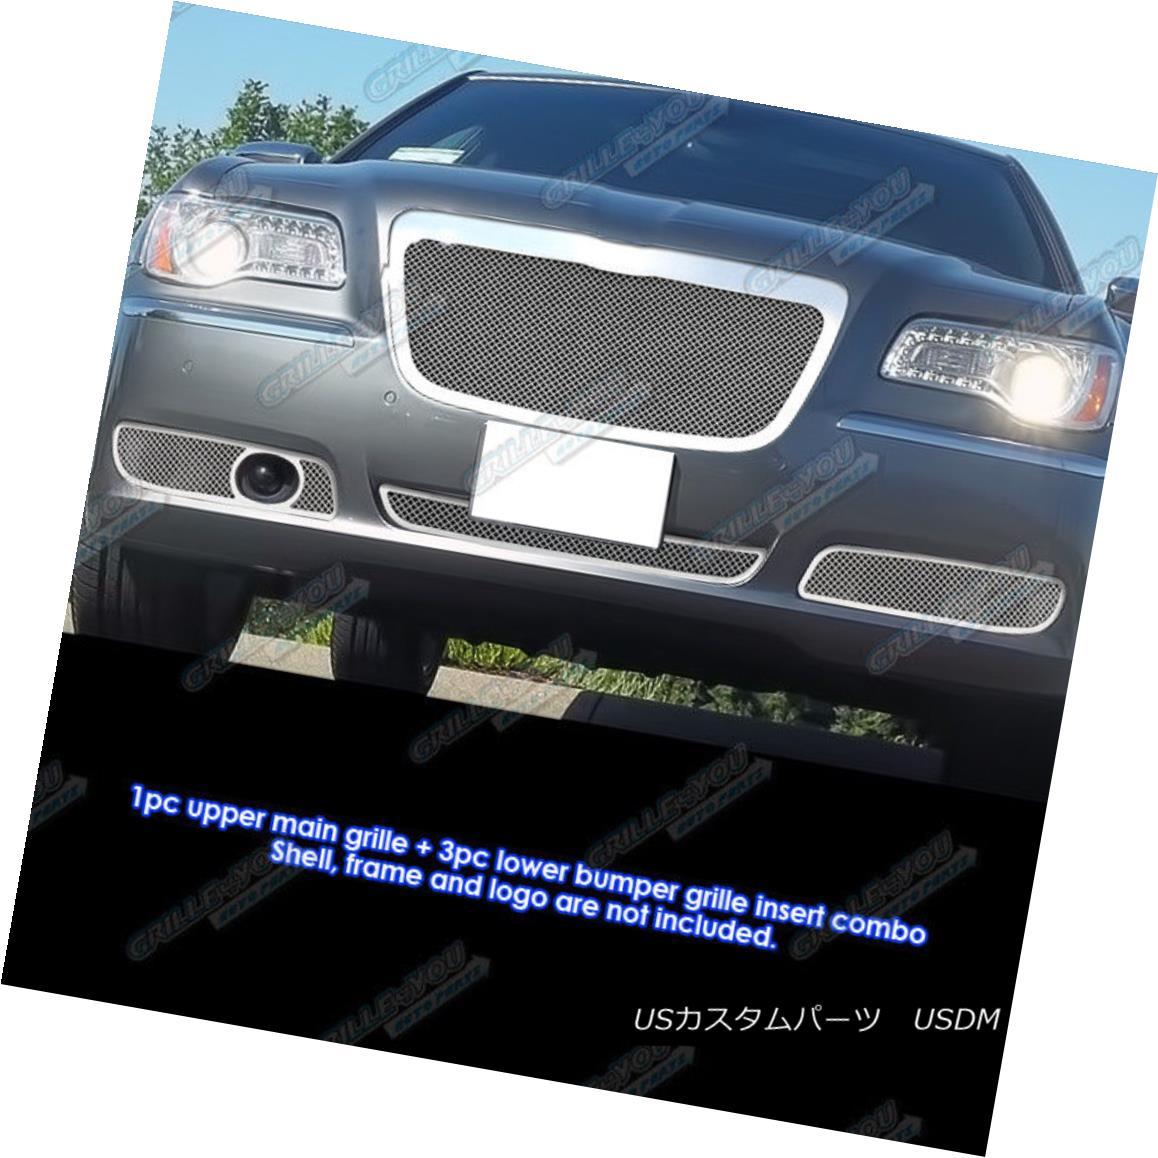 グリル Fits 2011-2014 Chrysler 300/300C Stainless Steel Mesh Grille Grill Insert Combo 適合2011-2014クライスラー300 / 300Cステンレススチールメッシュグリルグリルインサートコンボ